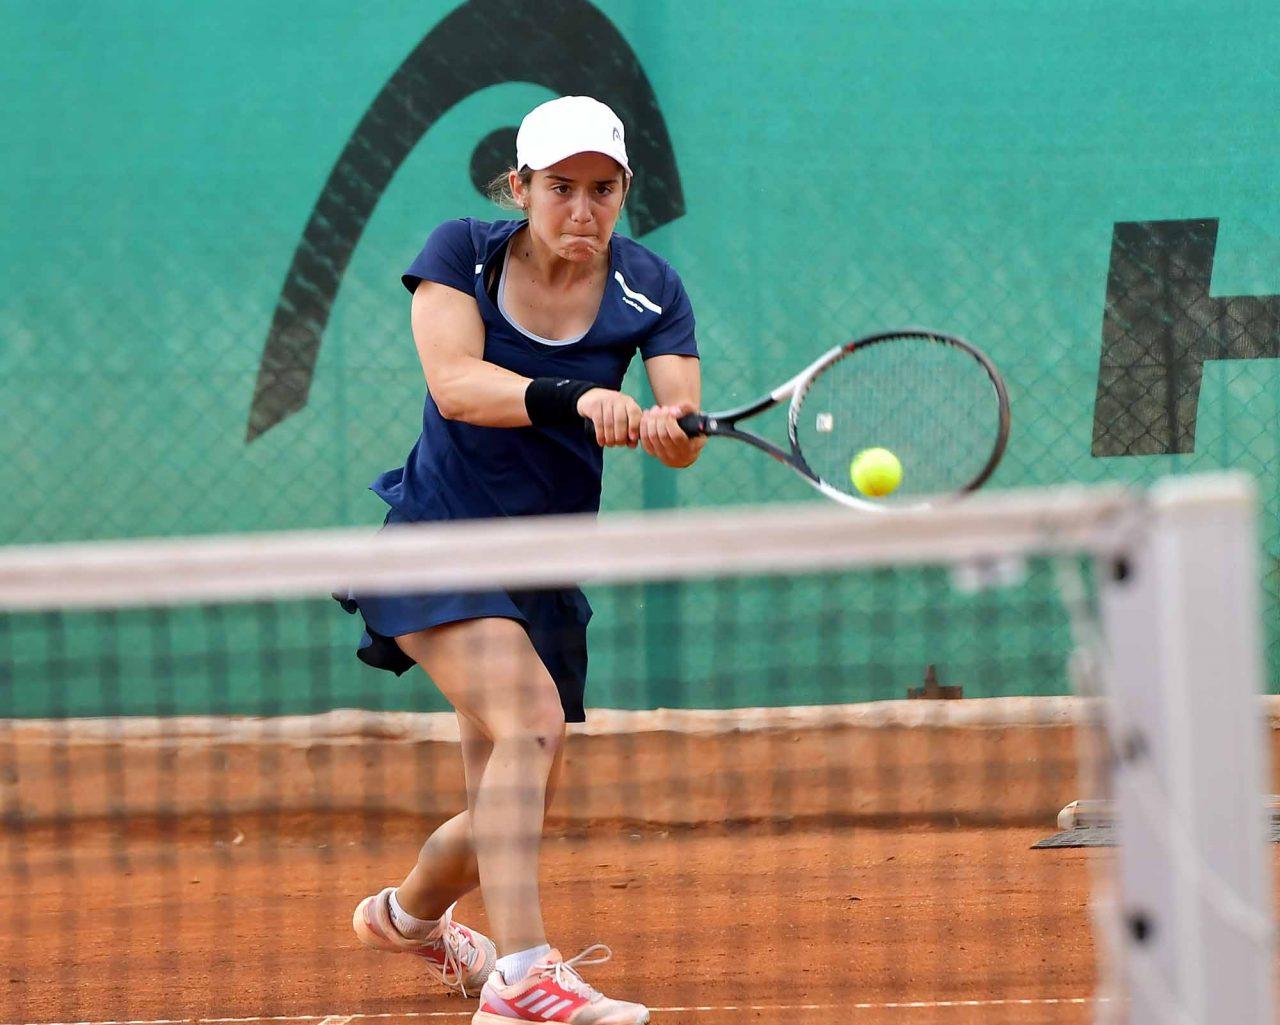 Държавно първенство тенис до 14 год. ТК 15-40 двойки полуфинал (5)